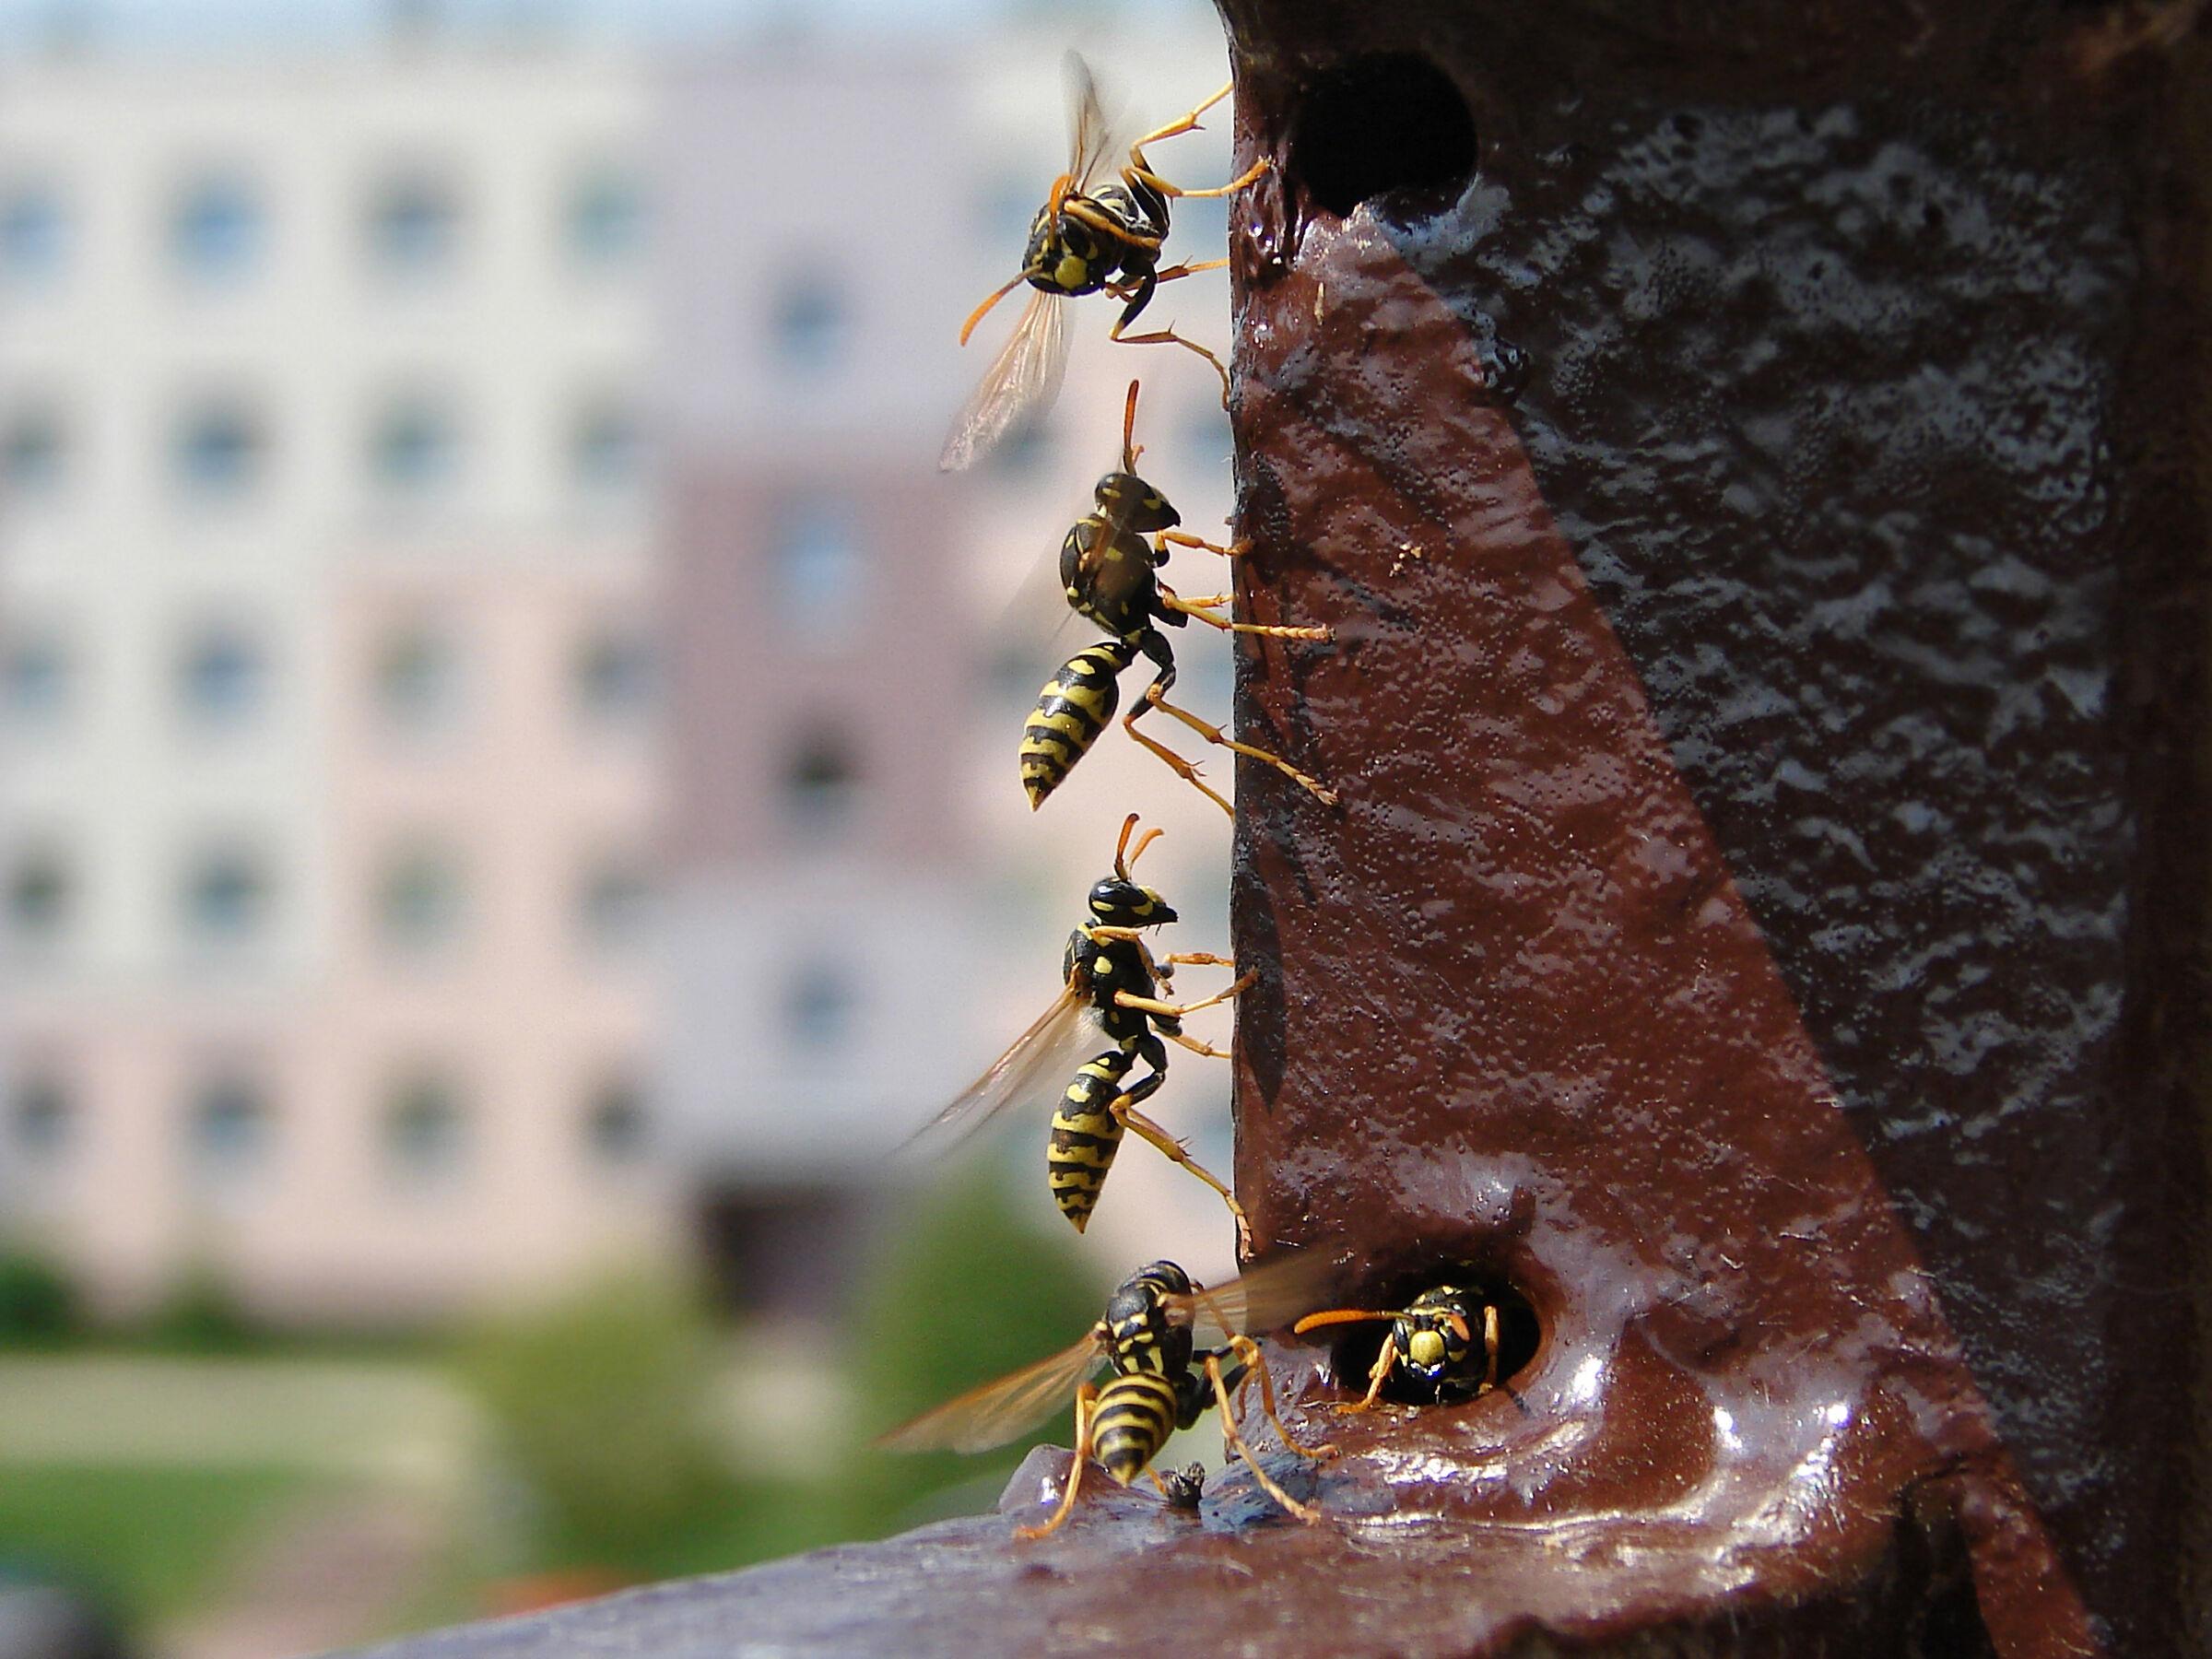 Wasp 1...